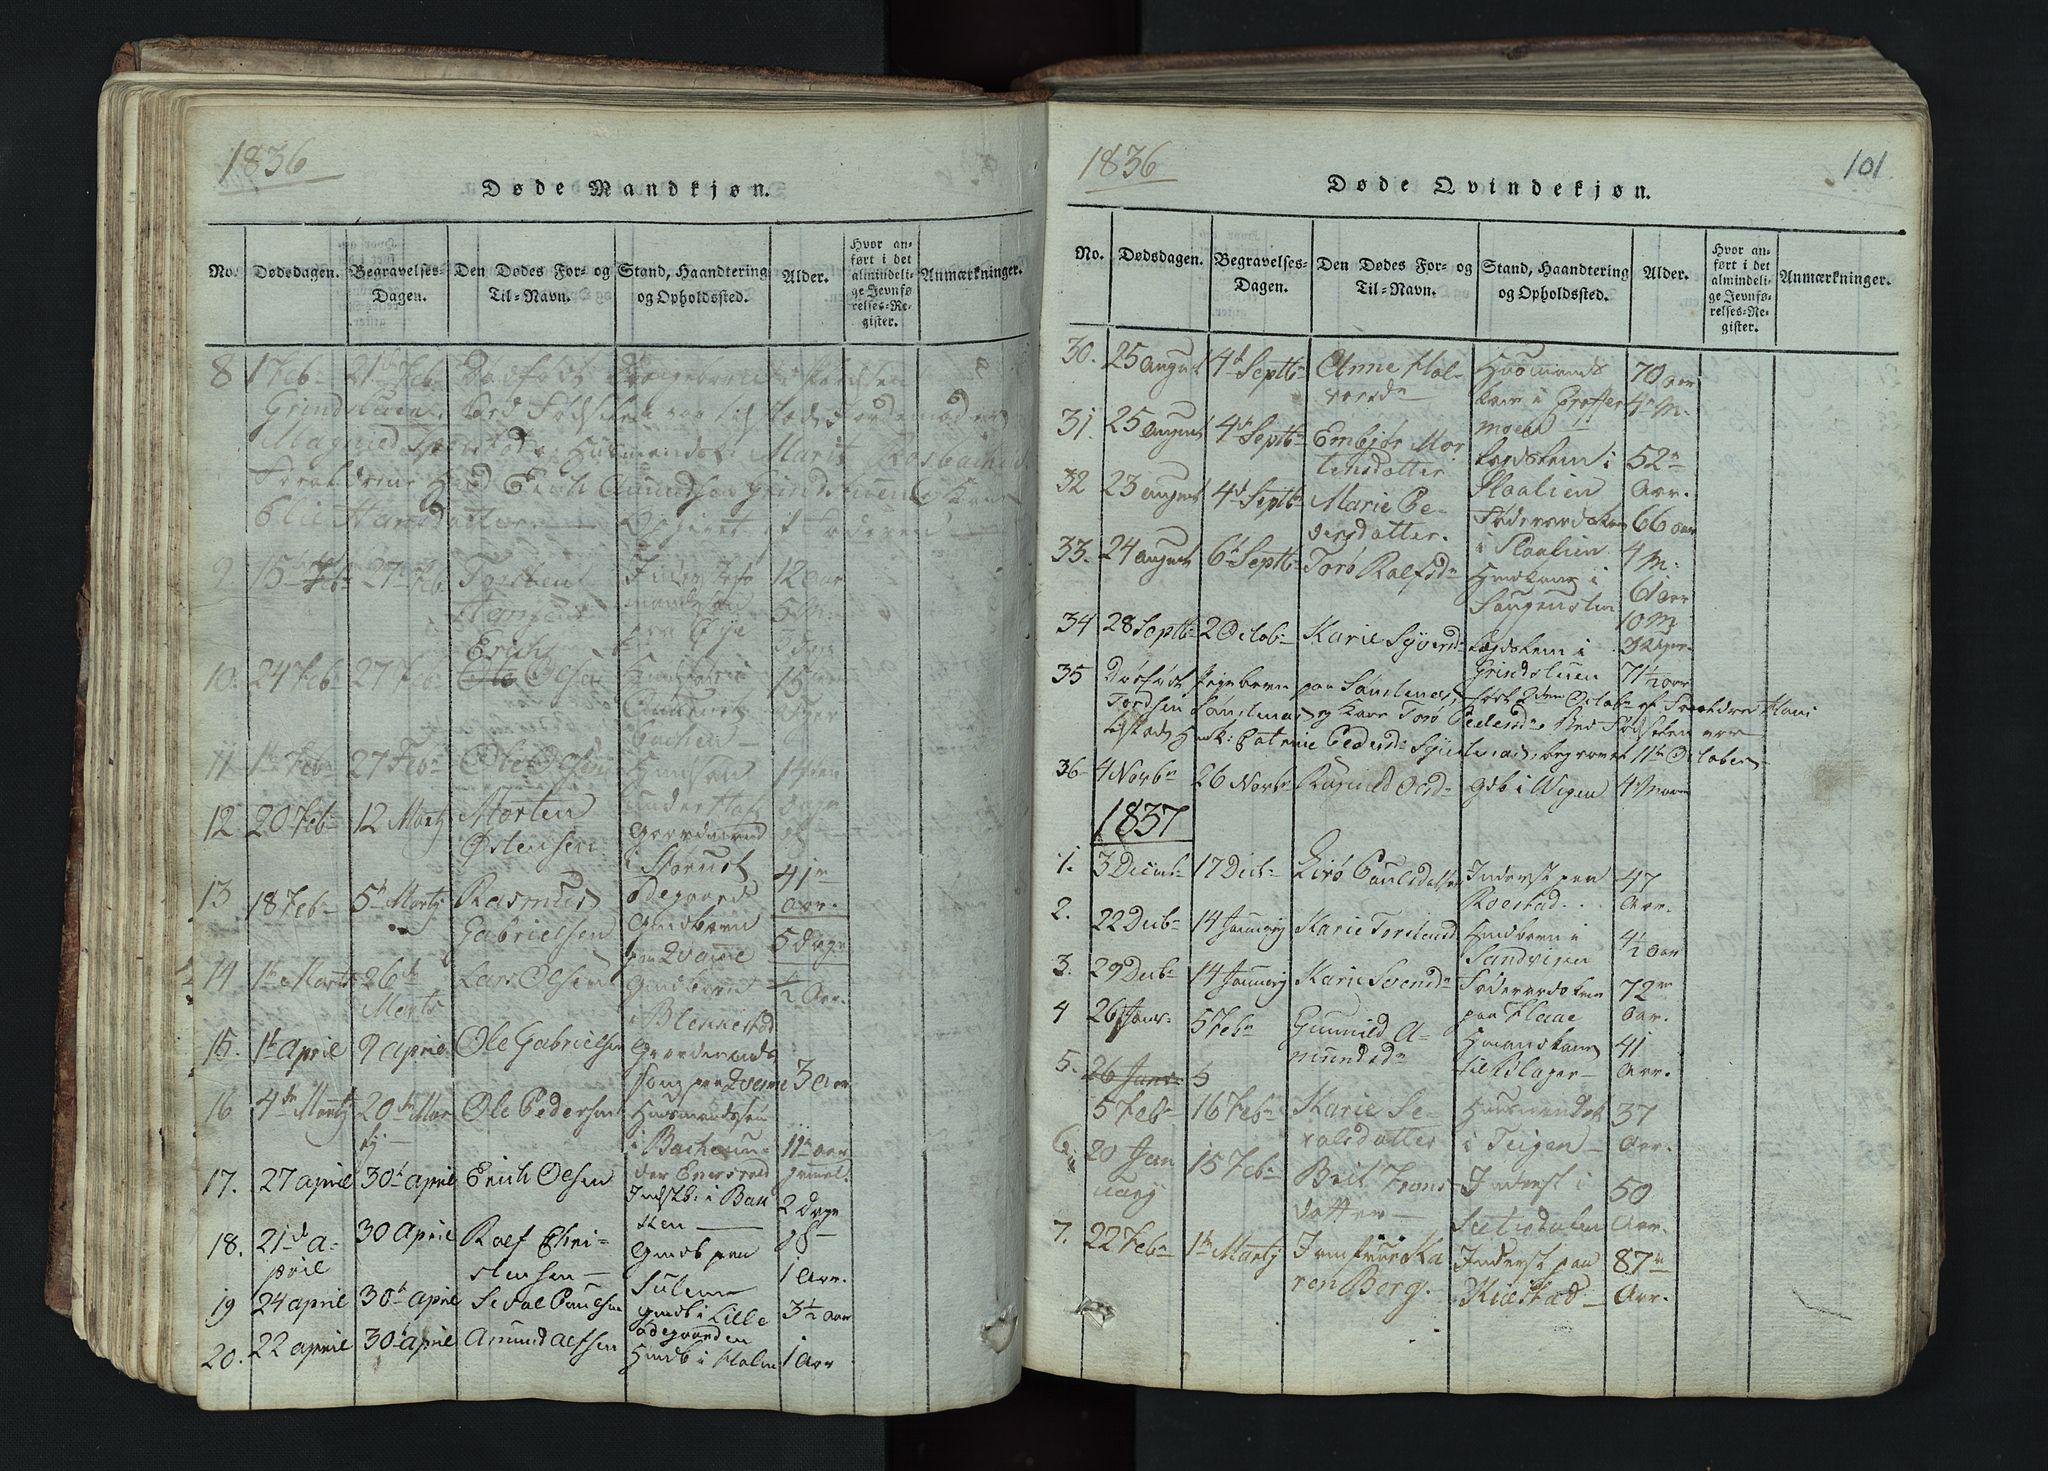 SAH, Lom prestekontor, L/L0002: Klokkerbok nr. 2, 1815-1844, s. 101